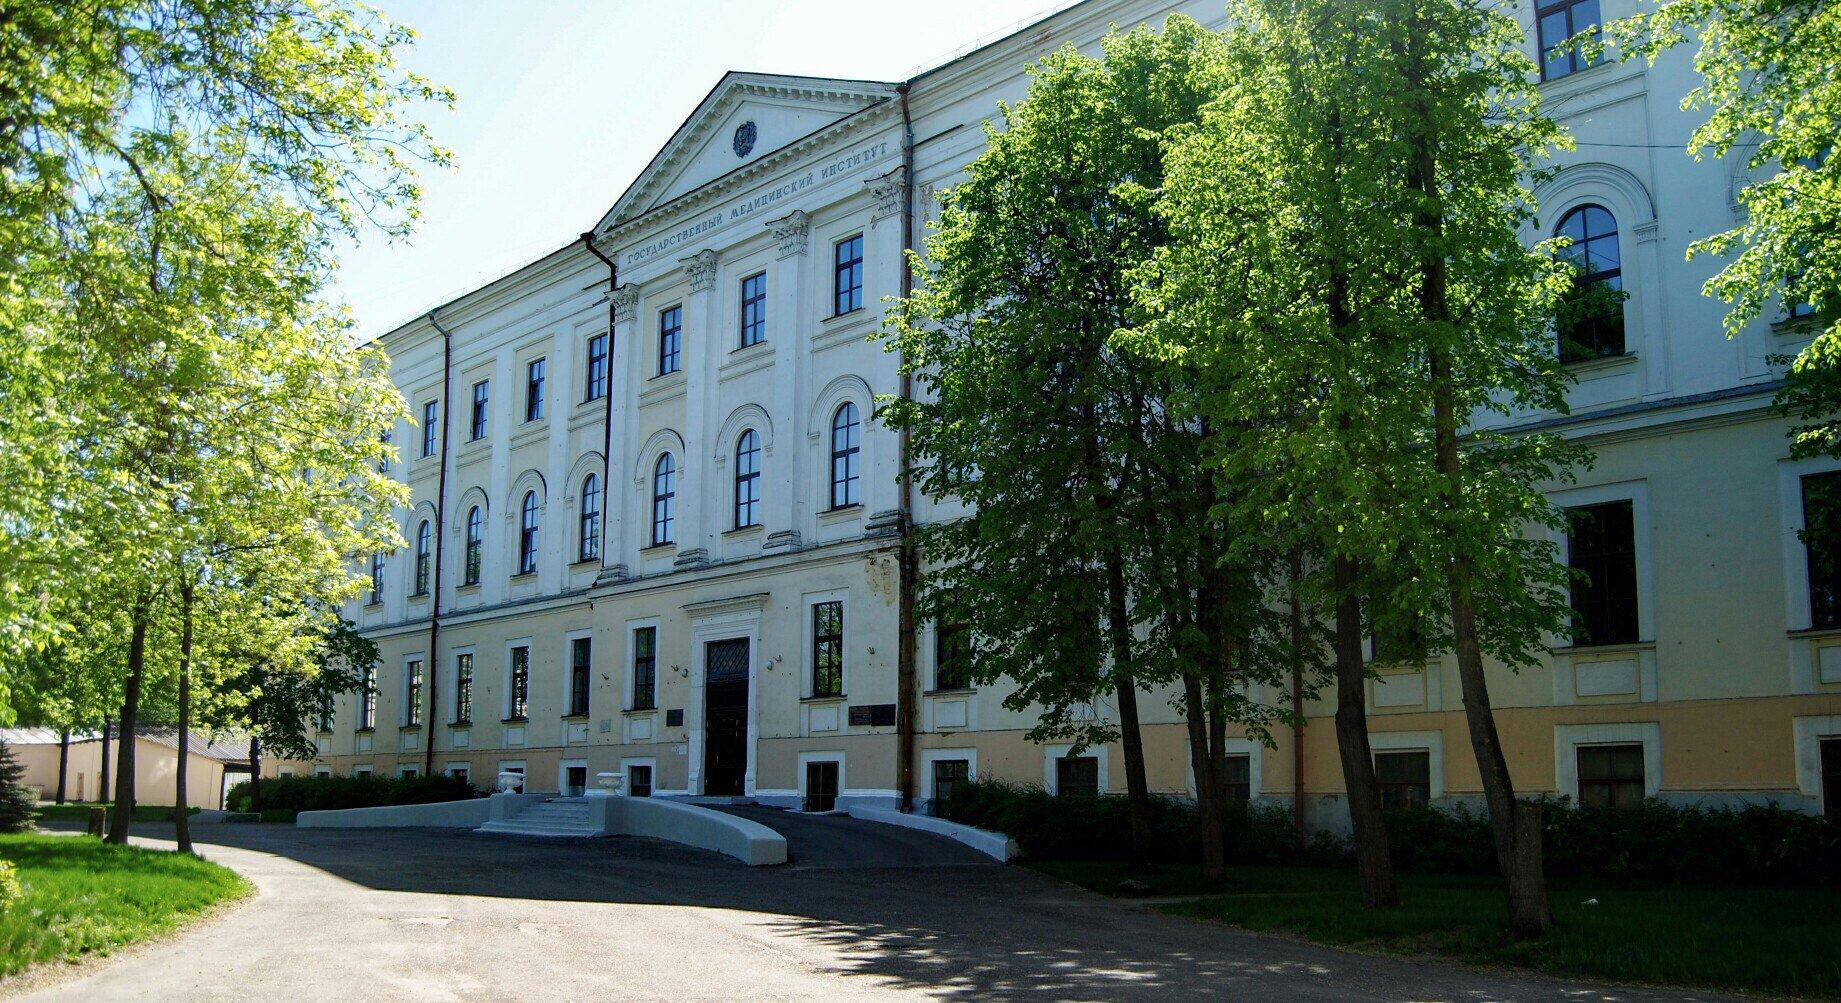 Тверской медицинский университет стремительно погружается в уголовный скандал с межгосударственными последствиями